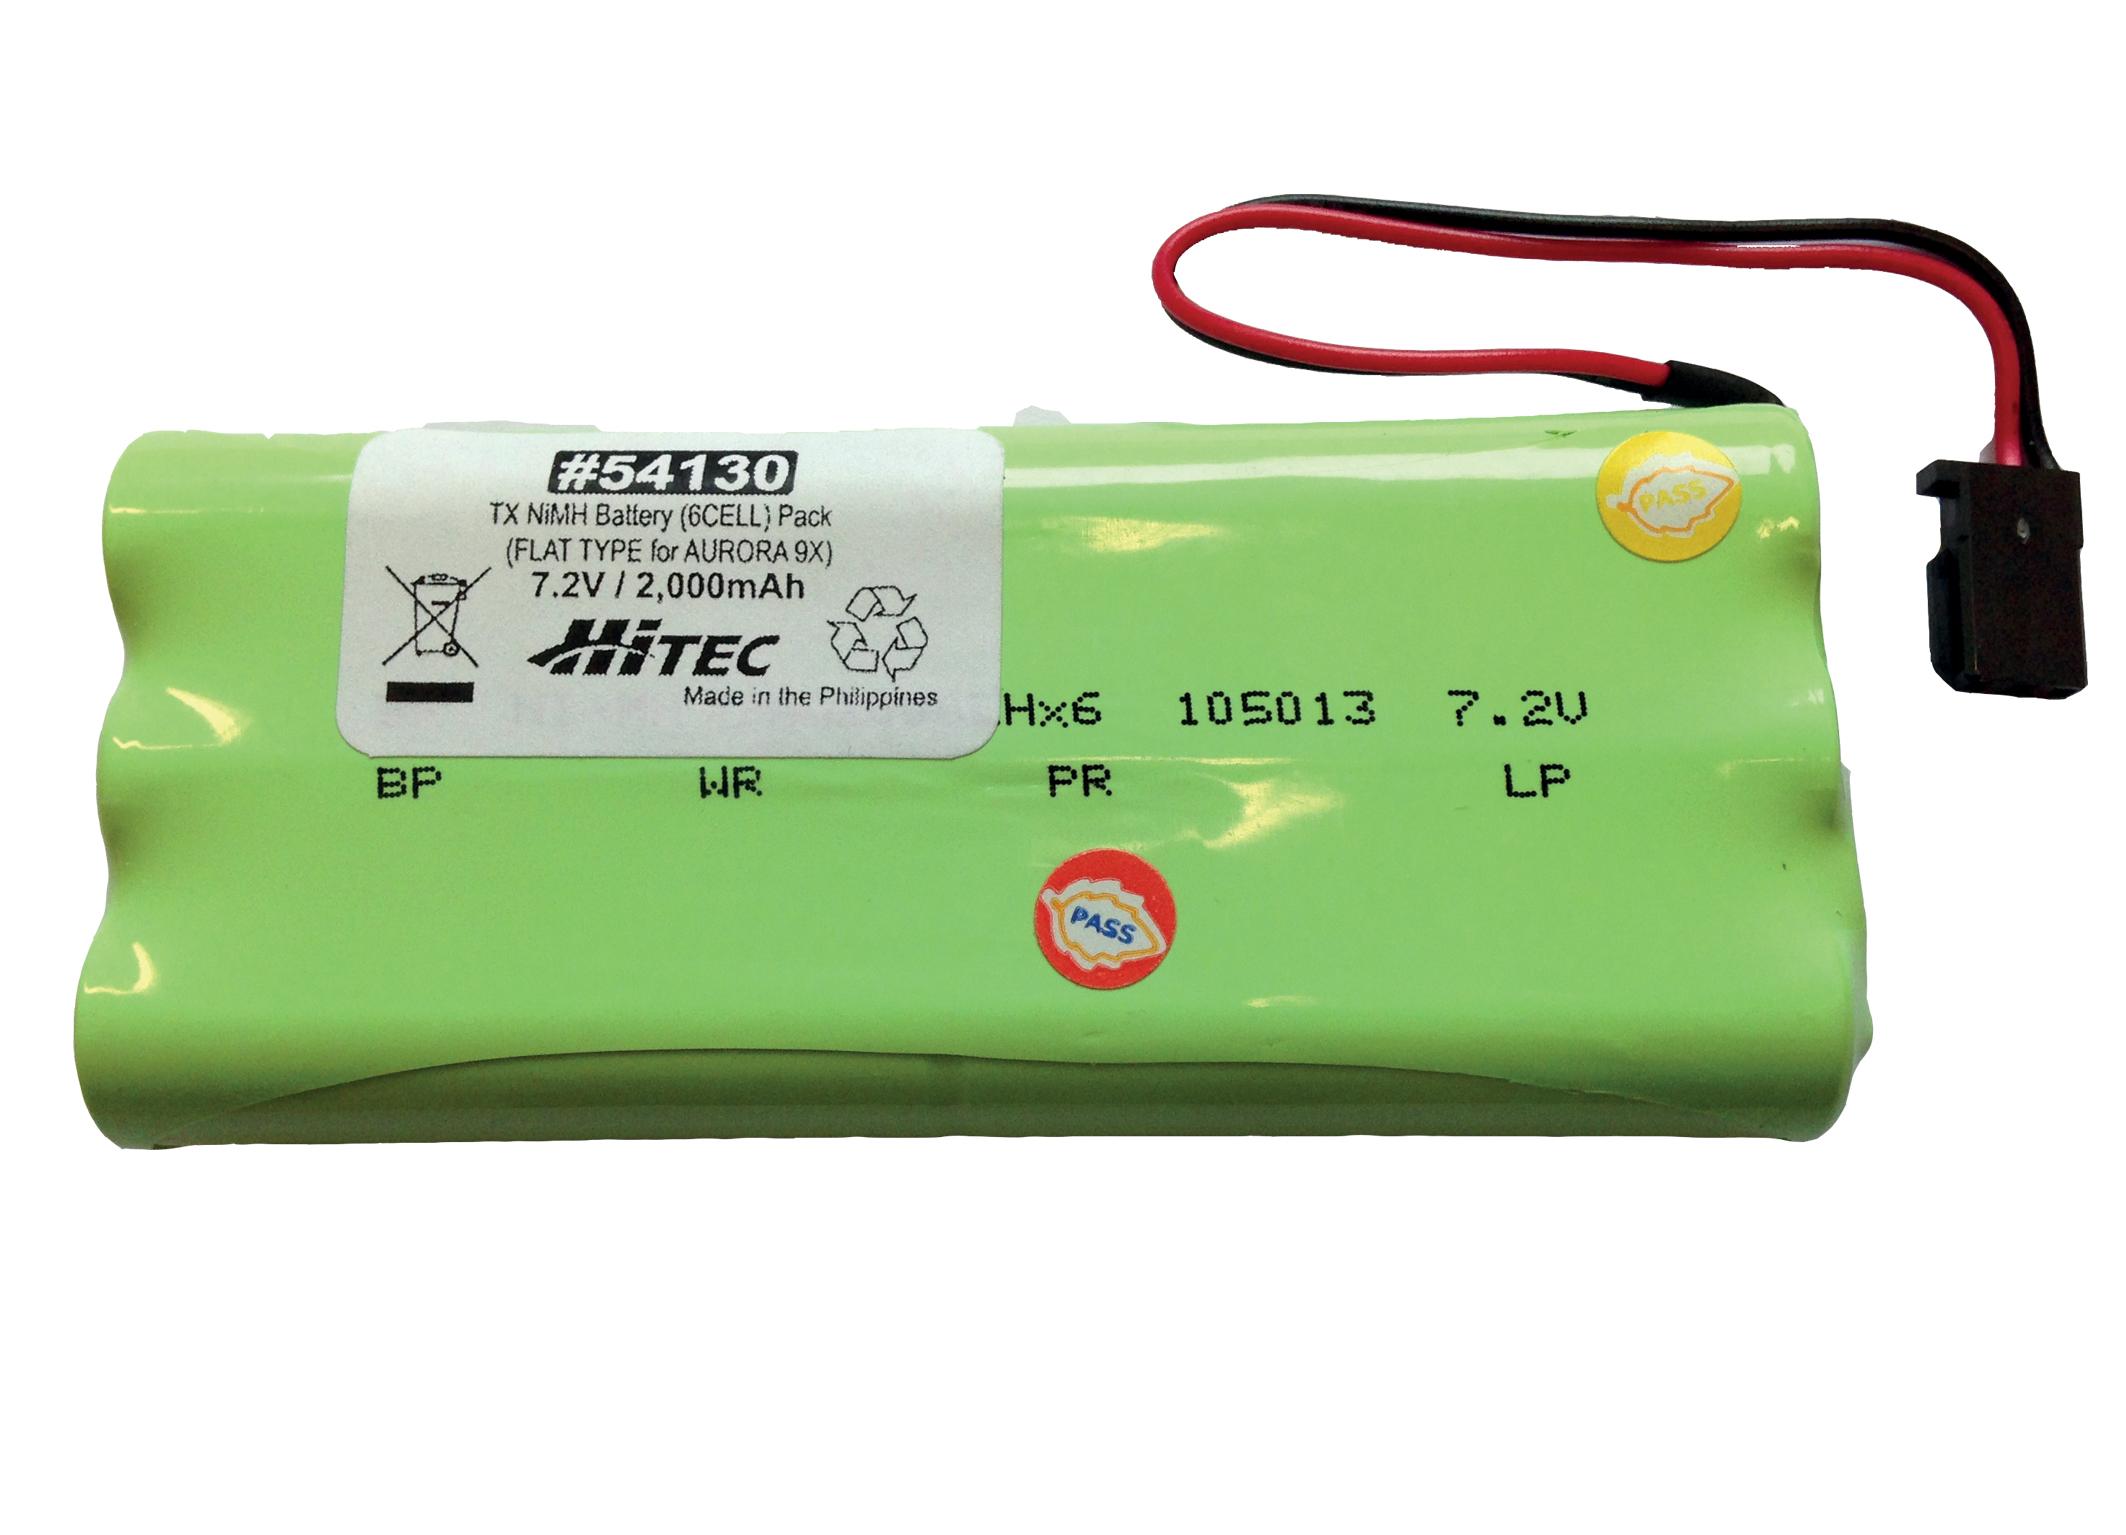 Hitec Senderakku AURORA 9X 2000mAh 6 Zellen NiMH (